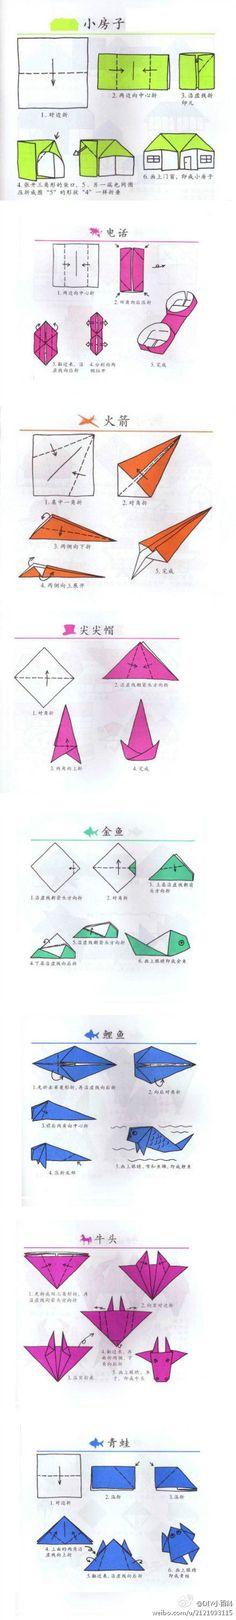 Origami Fun... origami fun